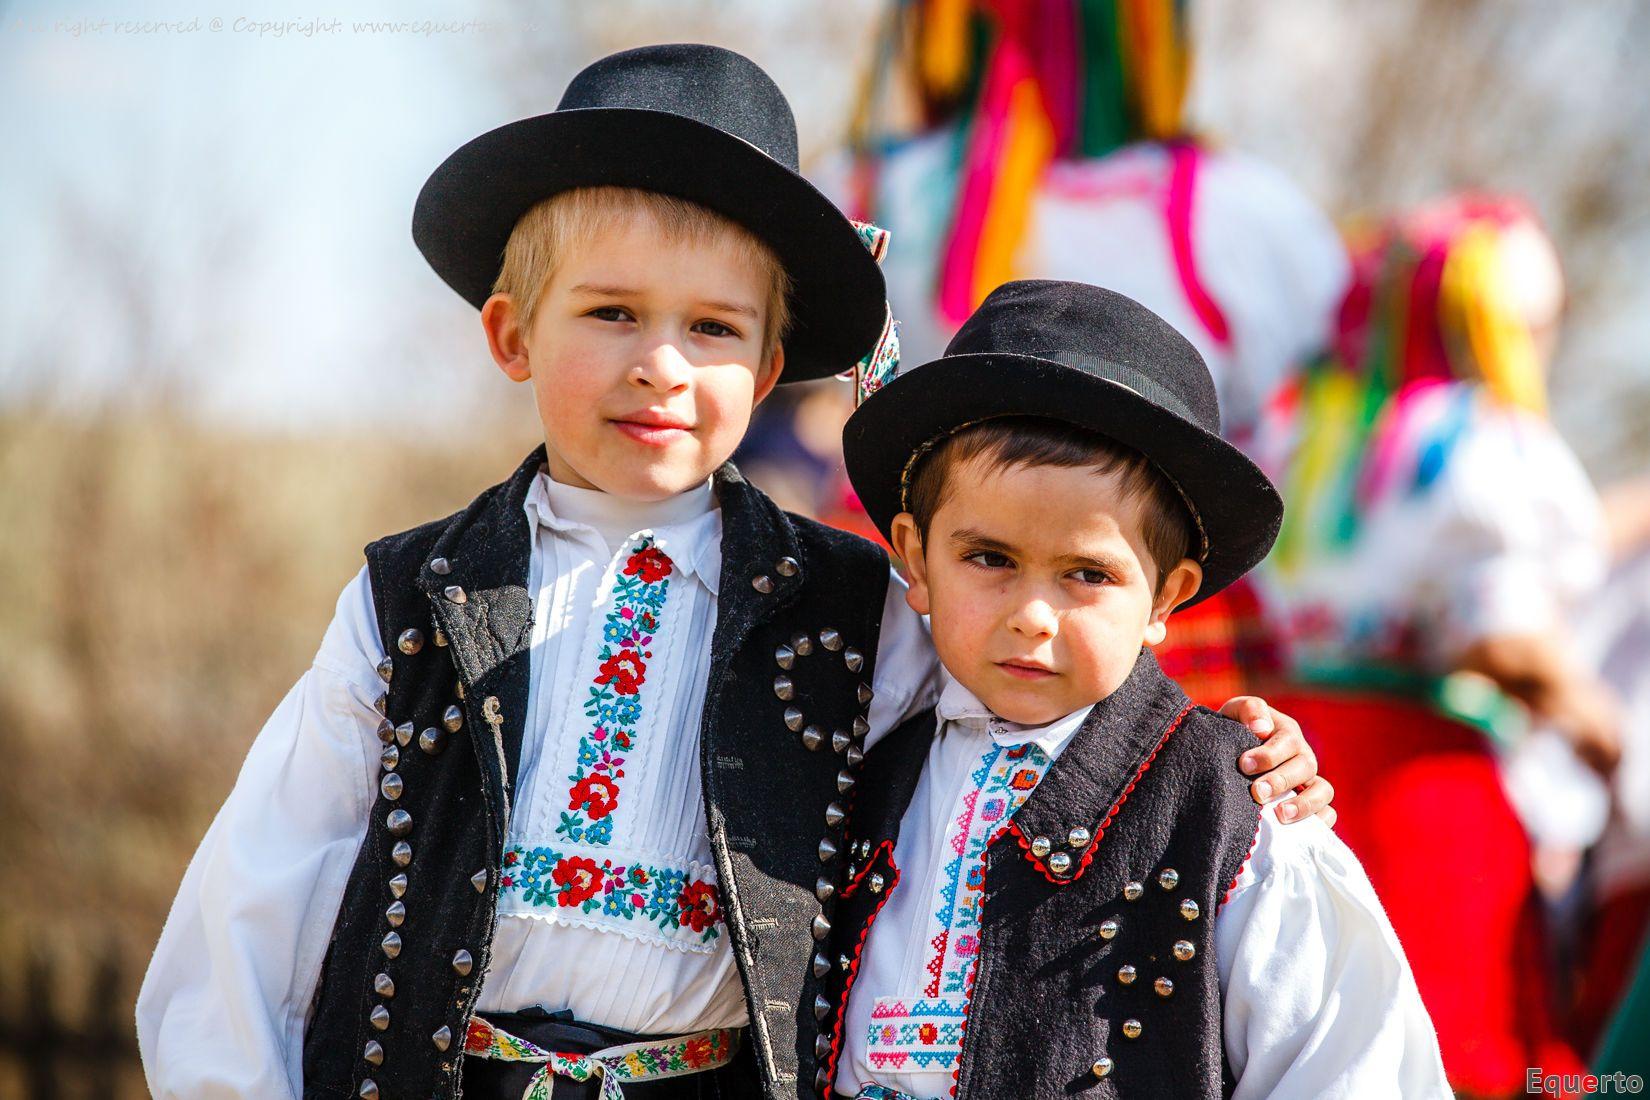 54d95120f1 Hollókői népviselet - Hungarian boys with traditional costumes from Hollókő